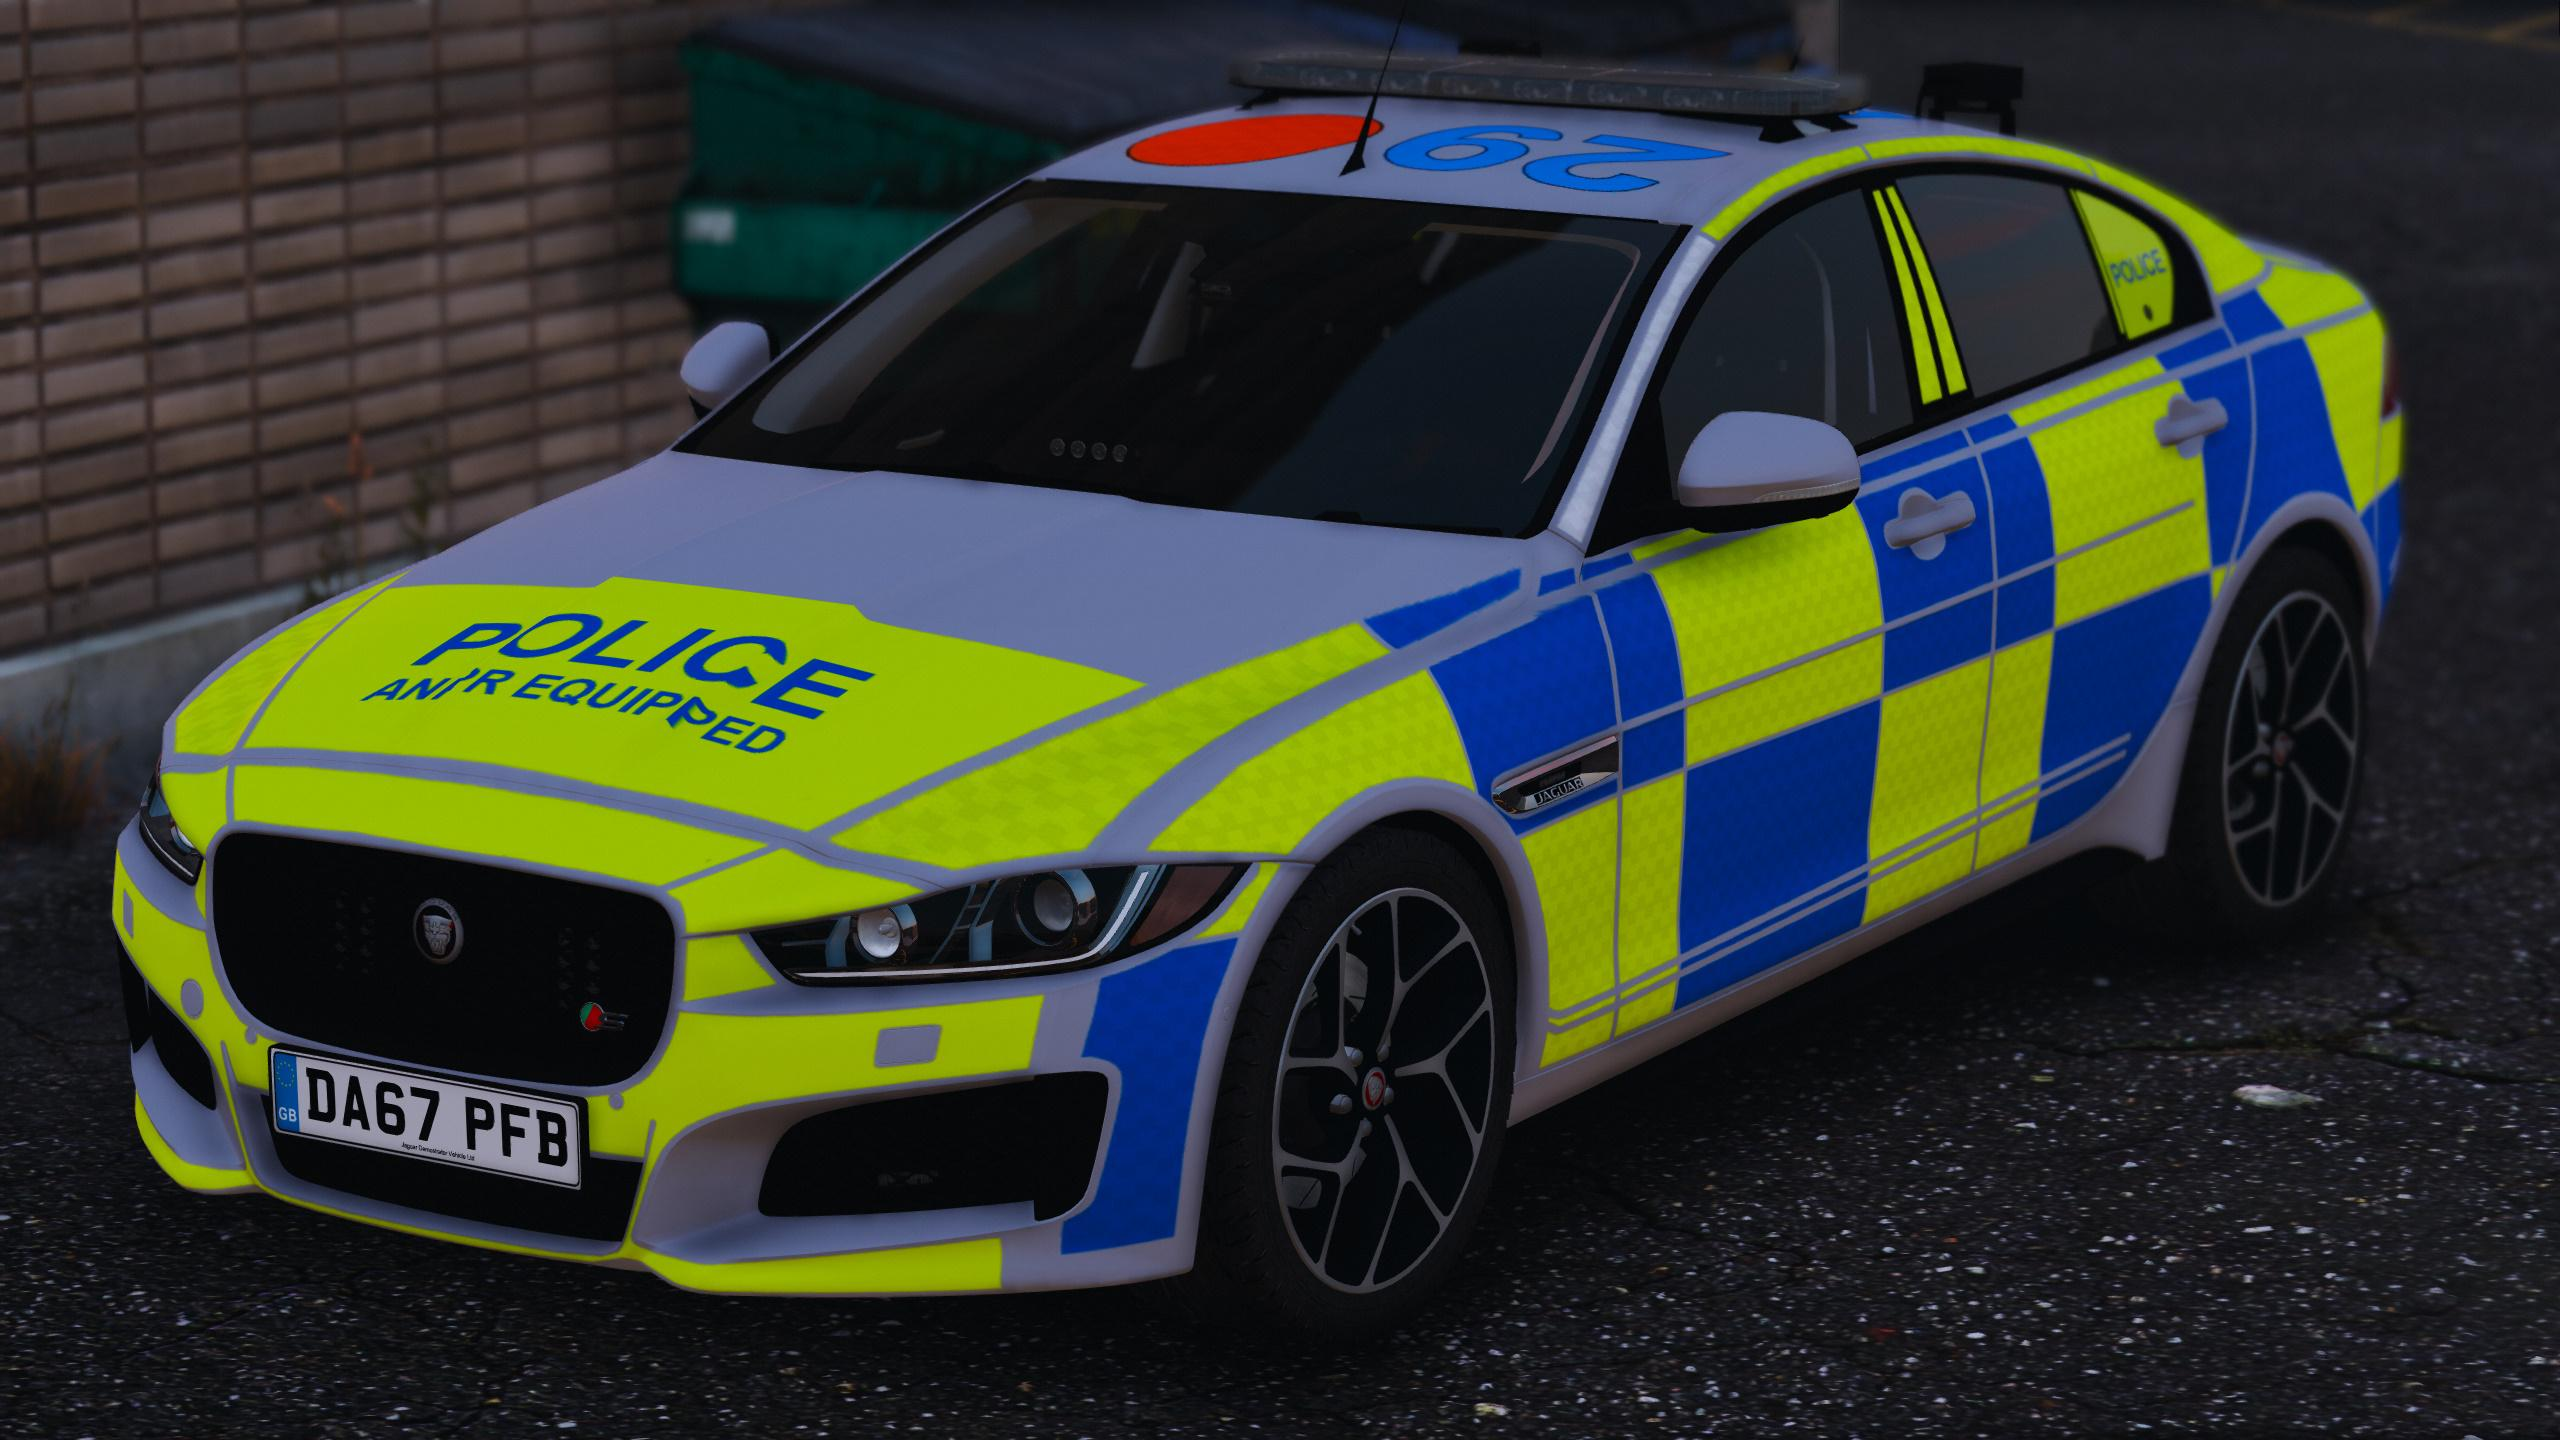 2017 police jaguar xe s gta5. Black Bedroom Furniture Sets. Home Design Ideas